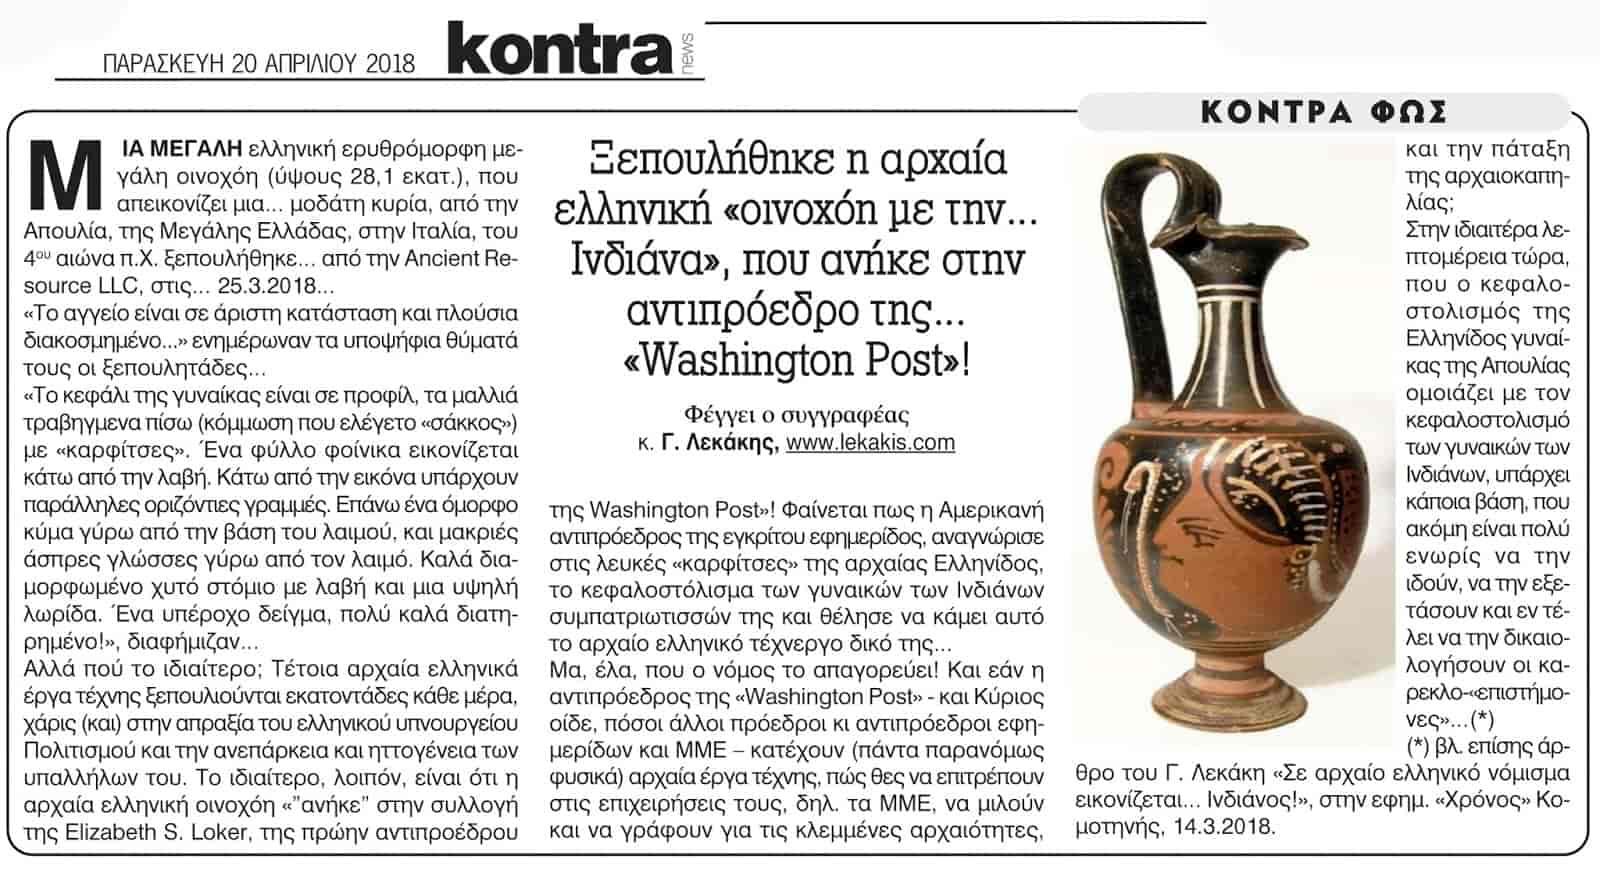 Φιγούρα σε Αρχαία Ελληνική Οινοχόη θα Μπορούσε να Ανατρέψει Πολλά